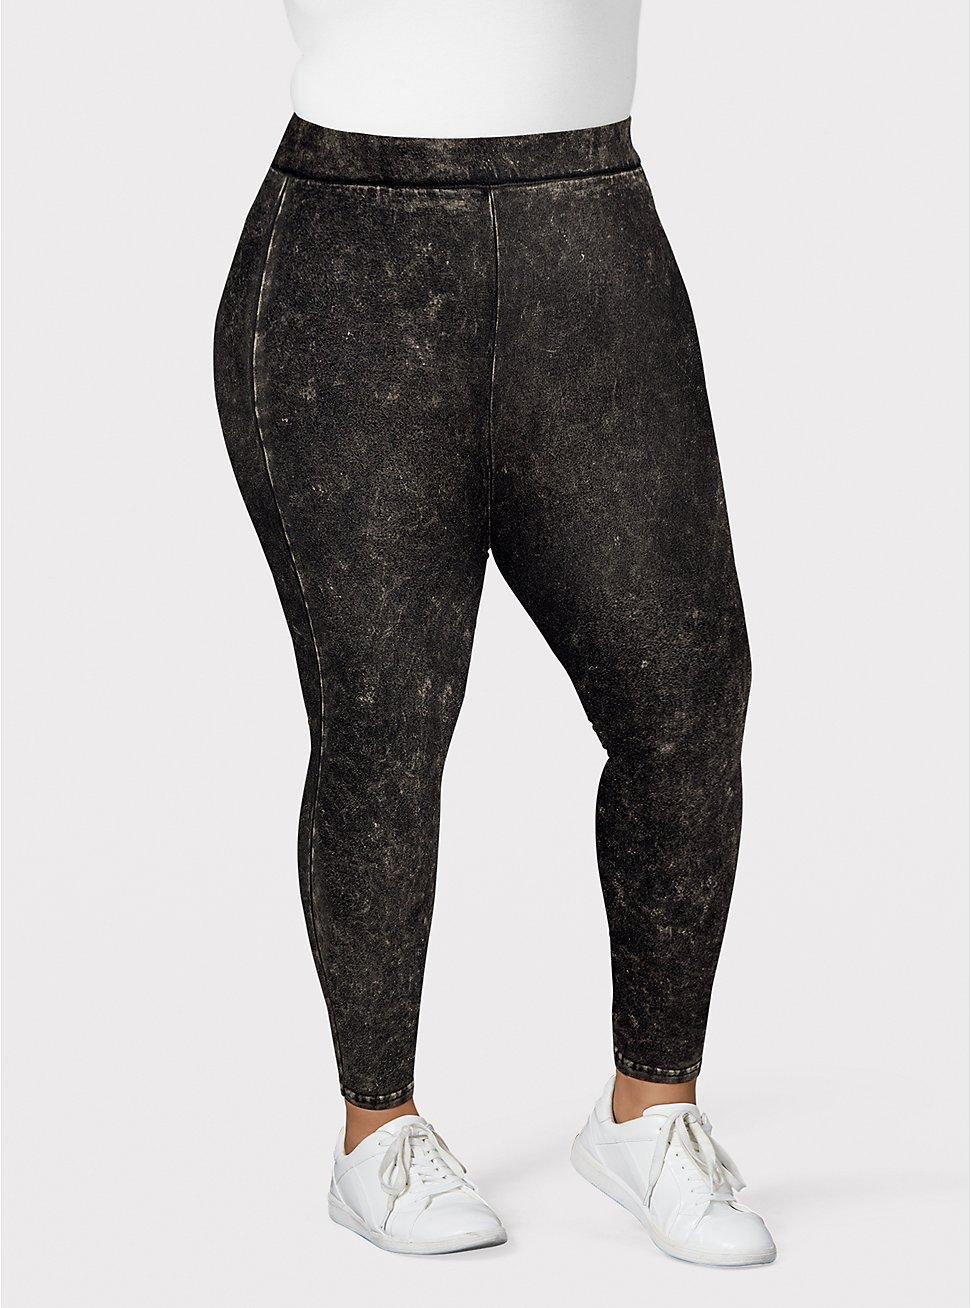 Premium Legging - Mineral Wash Black, BLACK, hi-res